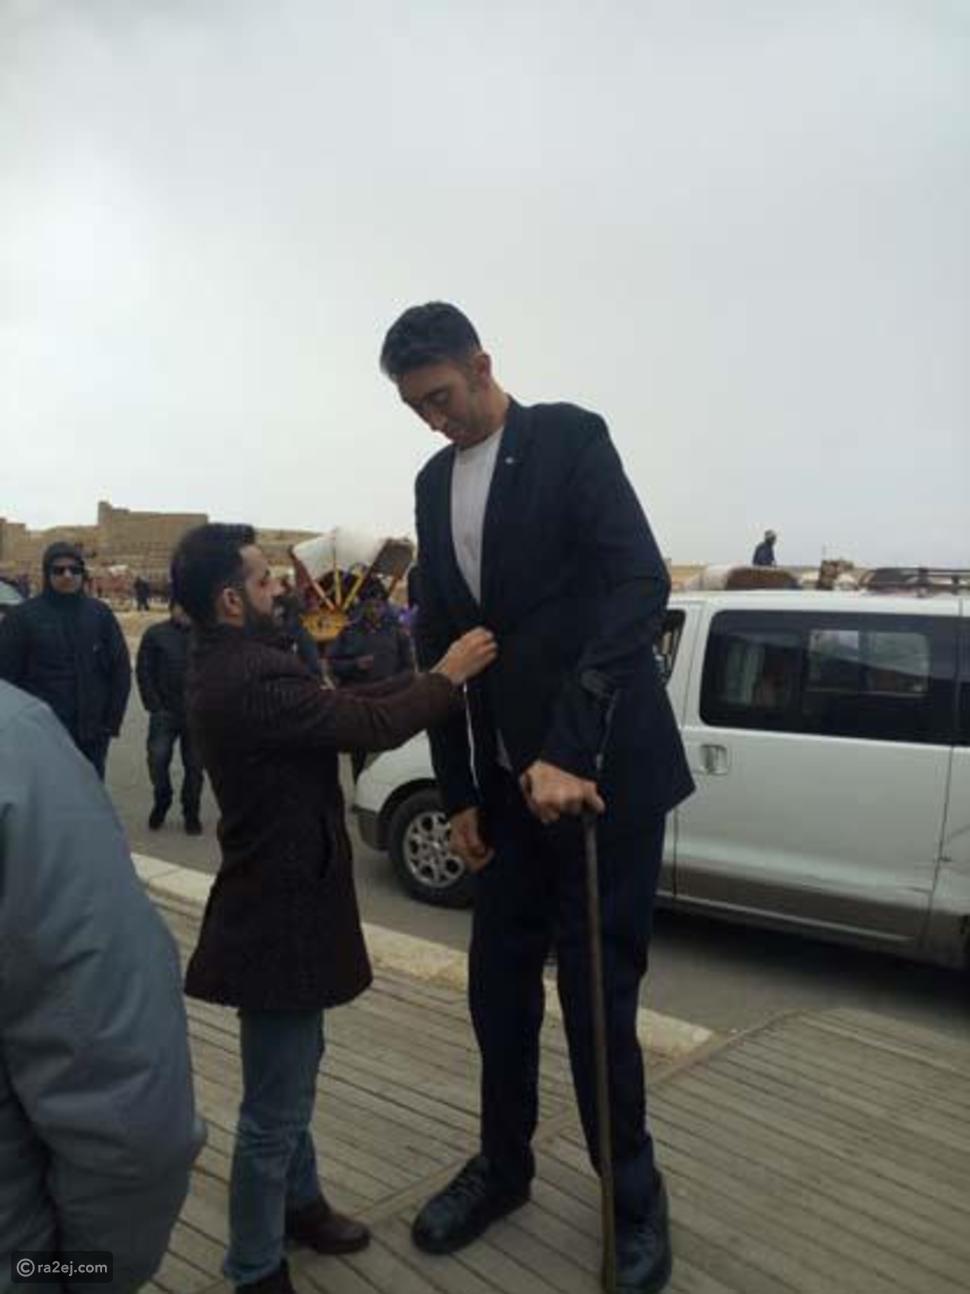 لقاء أطول رجل وأقصر امرأة في العالم في منطقة الأهرامات